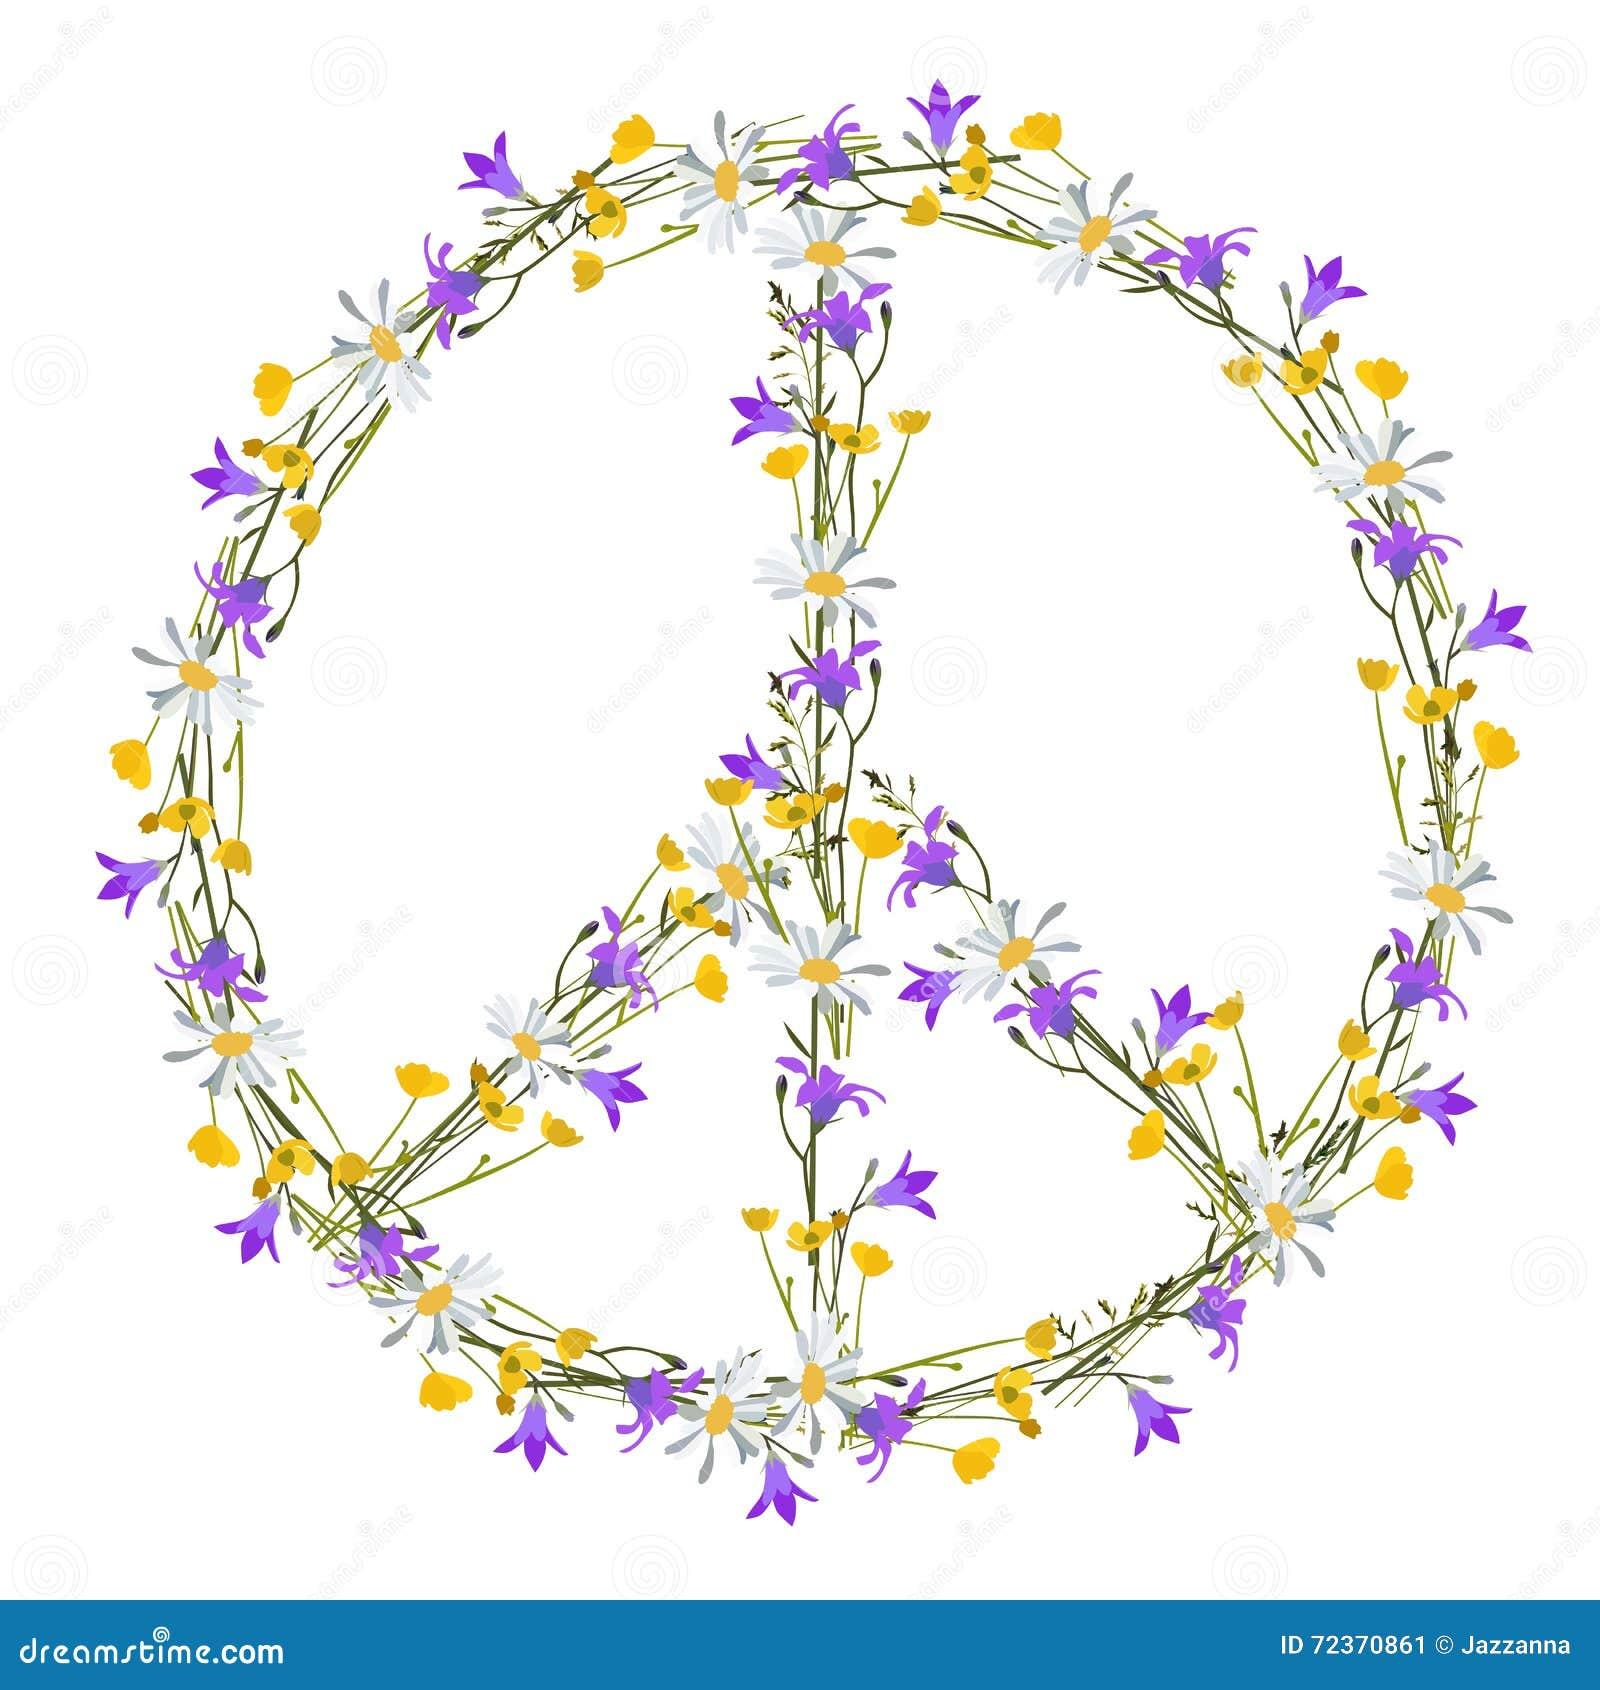 和平与爱情和平标志